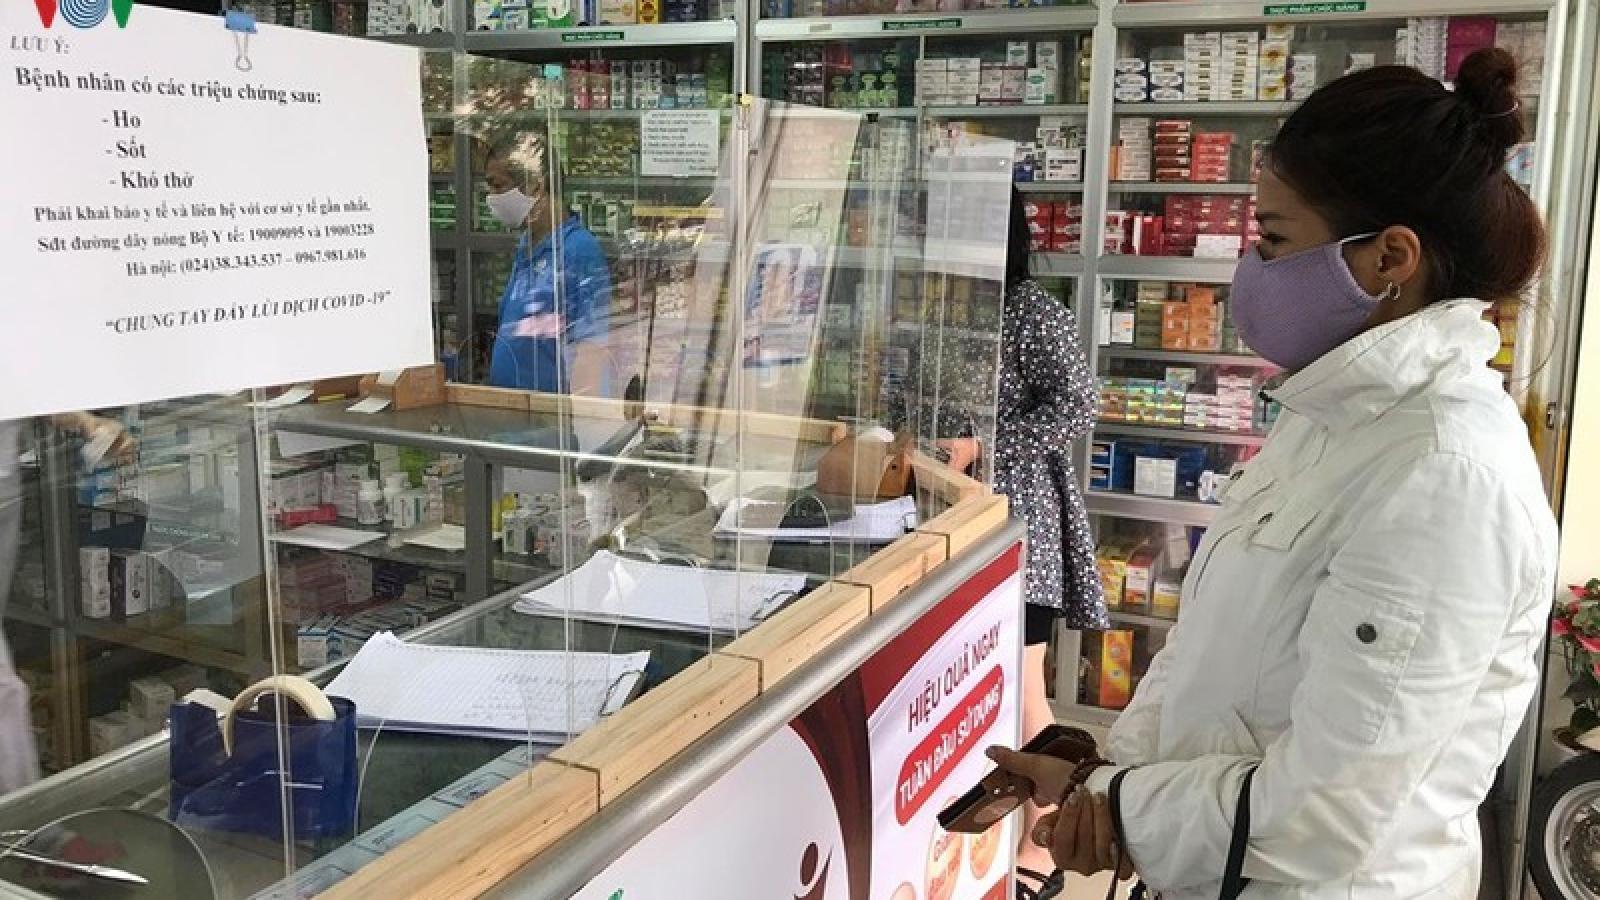 Tự mua thuốc khi ho, sốt: Thói quen xấu cần sửa giữa mùa dịch Covid-19